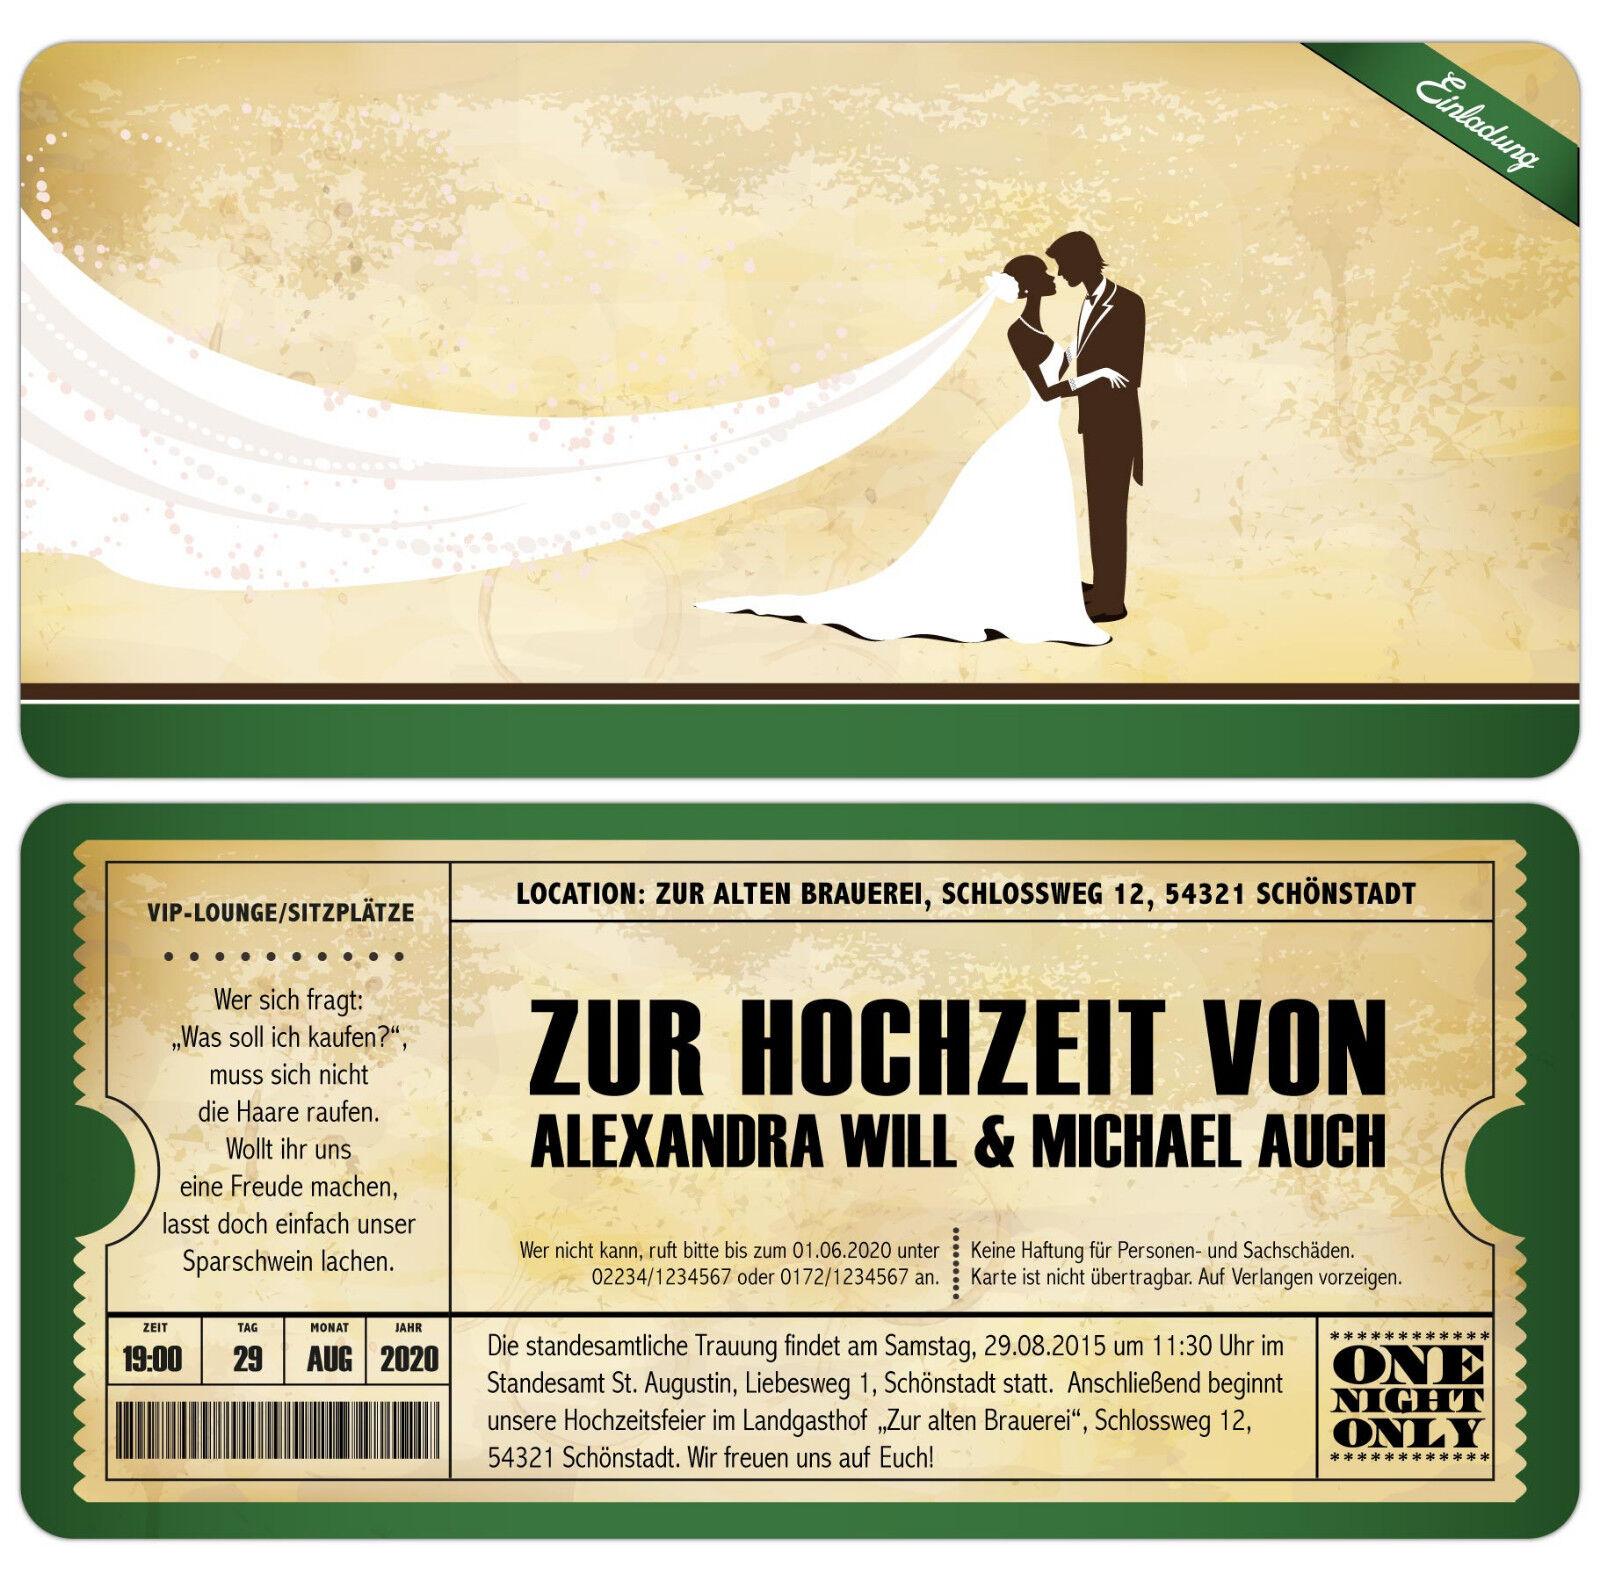 Einladungskarten zur Hochzeit als Eintrittskarte Vintage Retro Einladung Karte